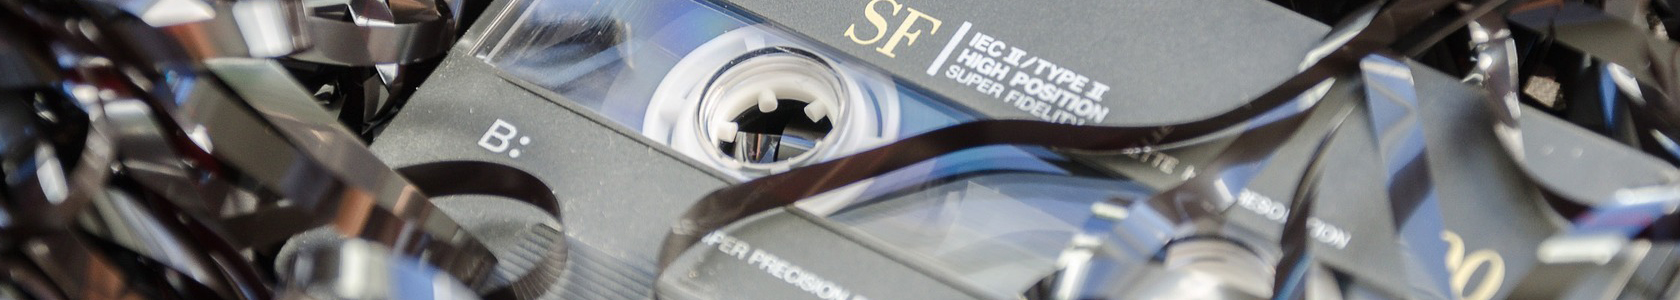 cassette_2